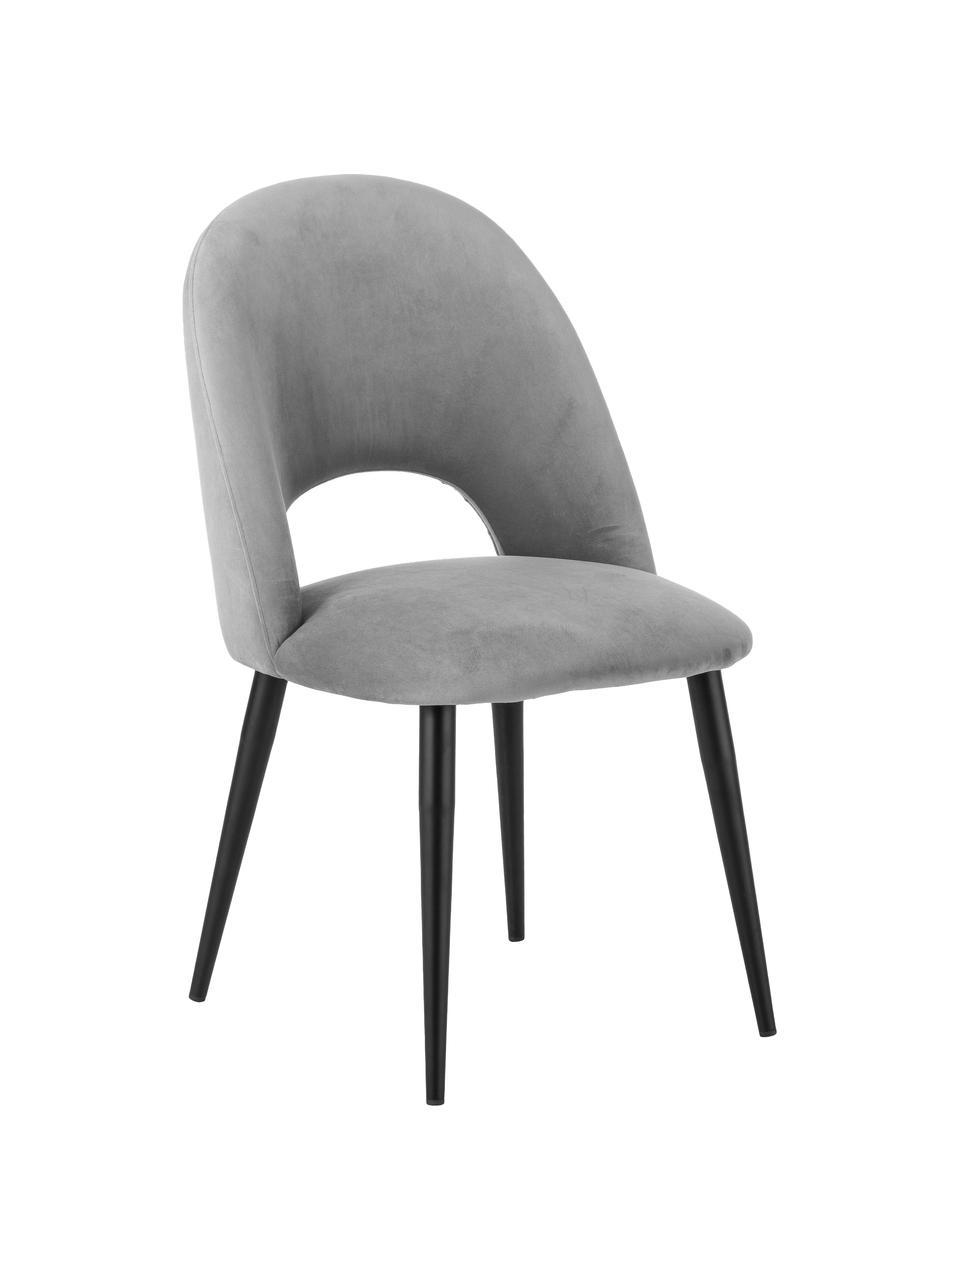 Chaise rembourrée velours gris Rachel, Velours gris